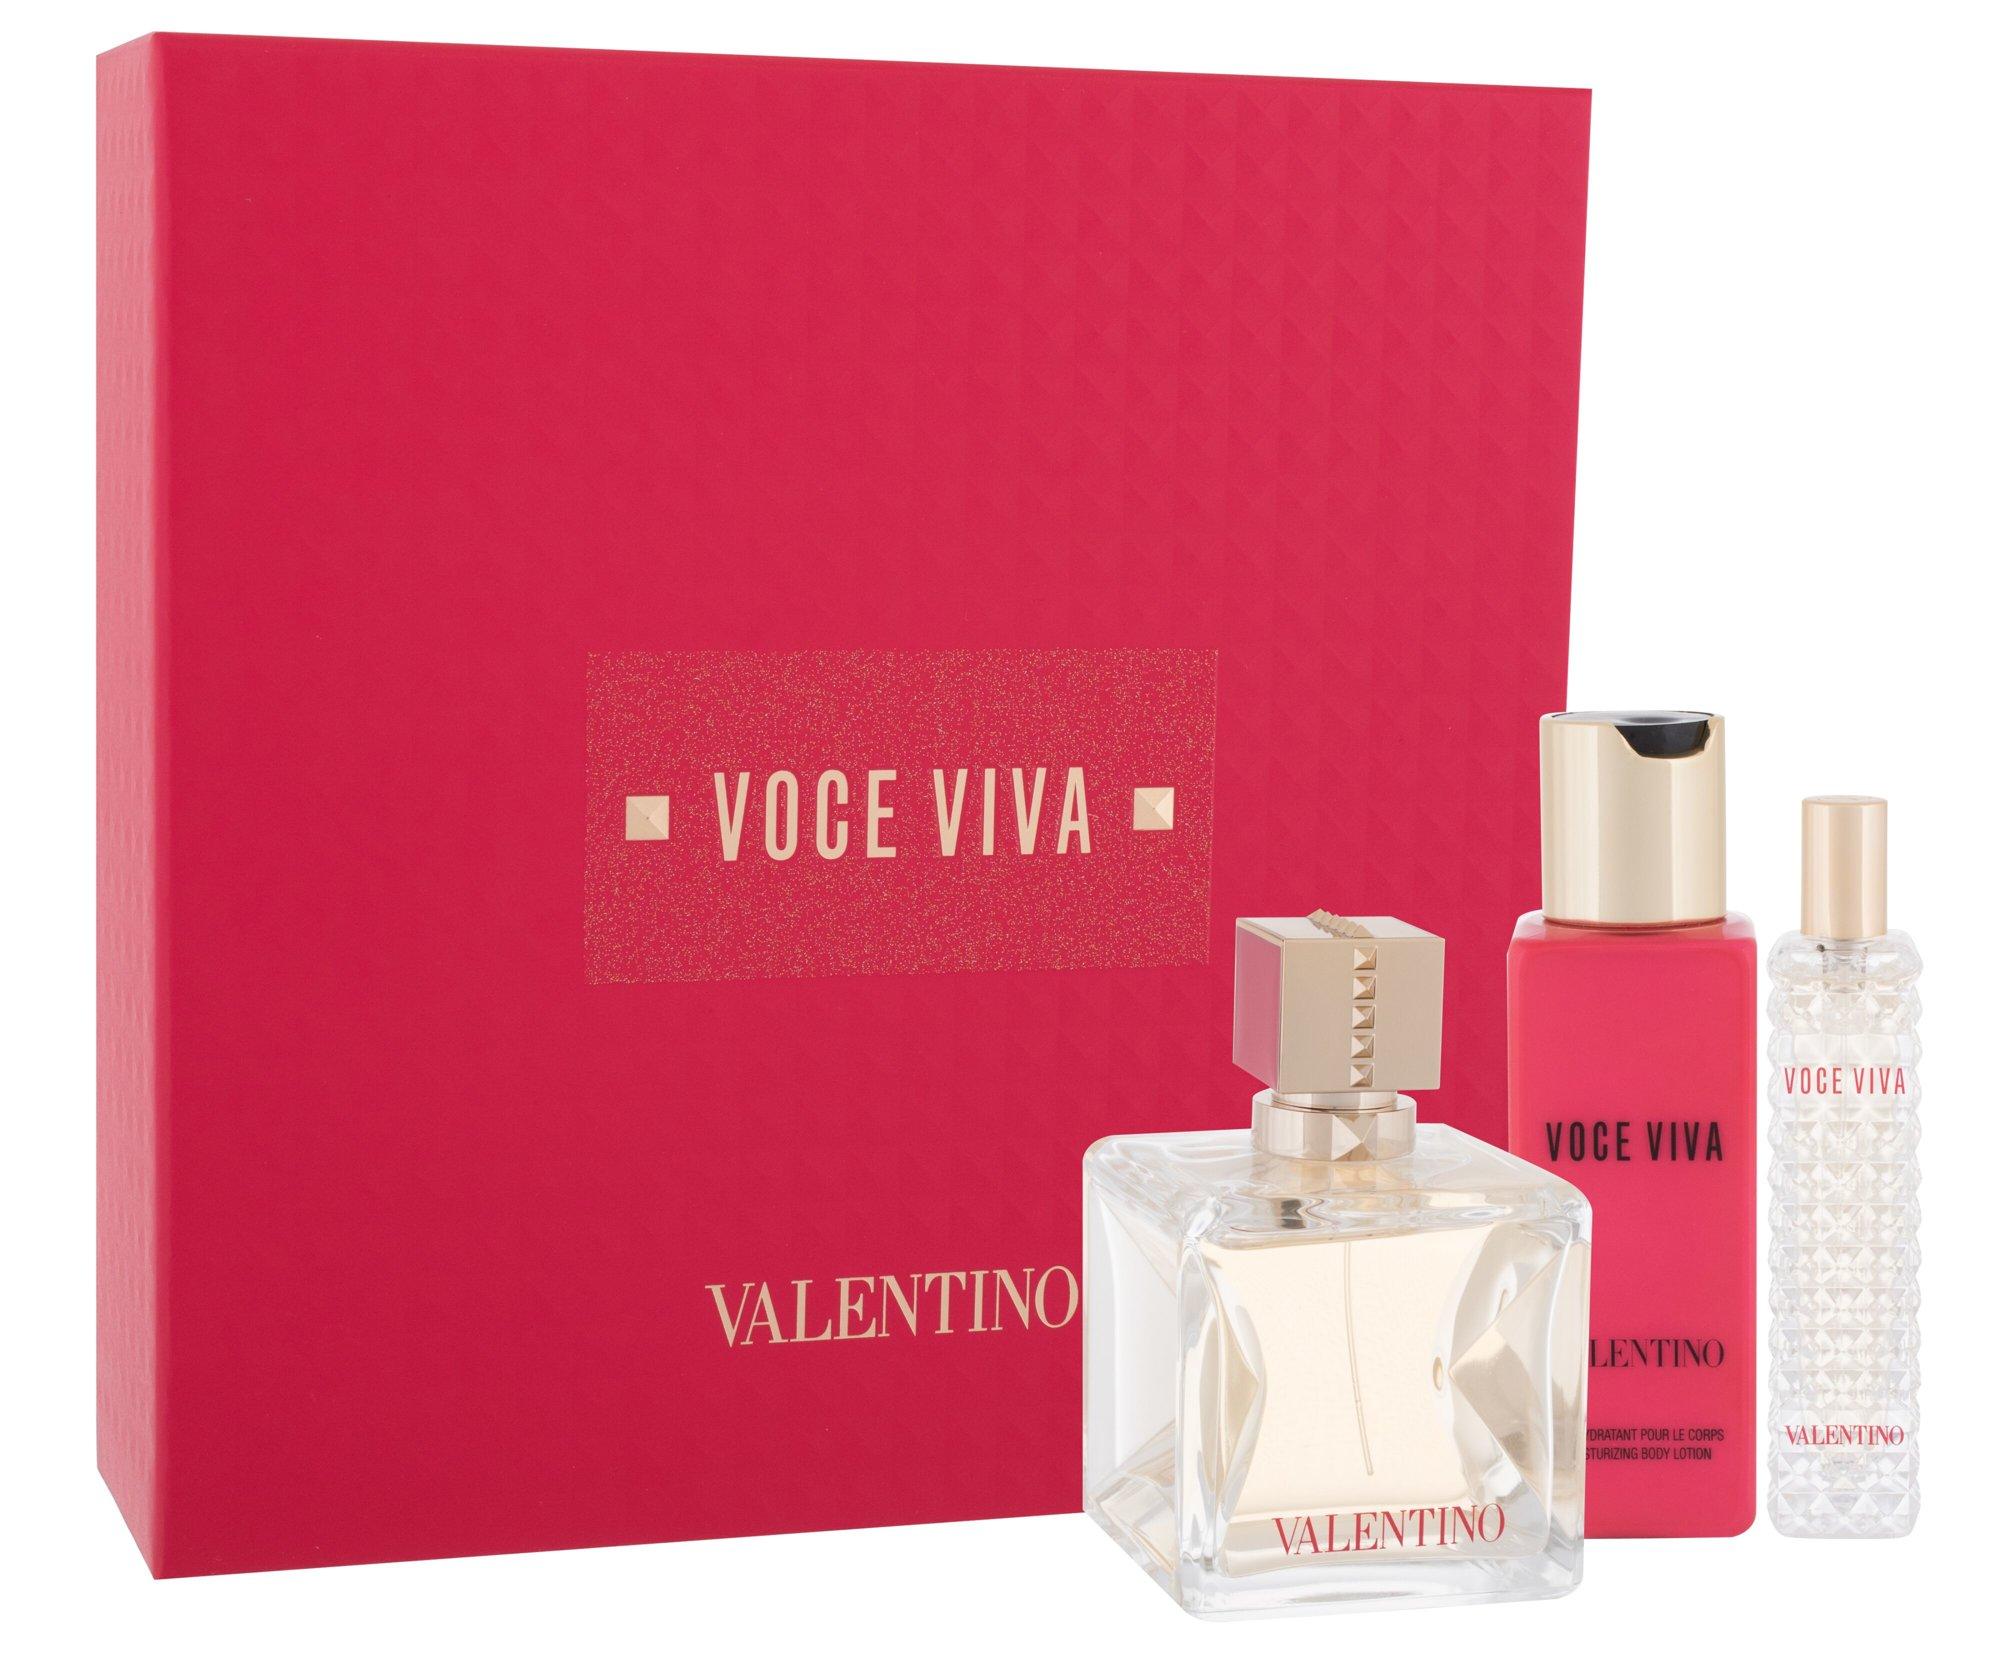 Valentino Voce Viva, parfumovaná voda 100 ml + parfumovaná voda 15 ml + telové mlieko 100 ml